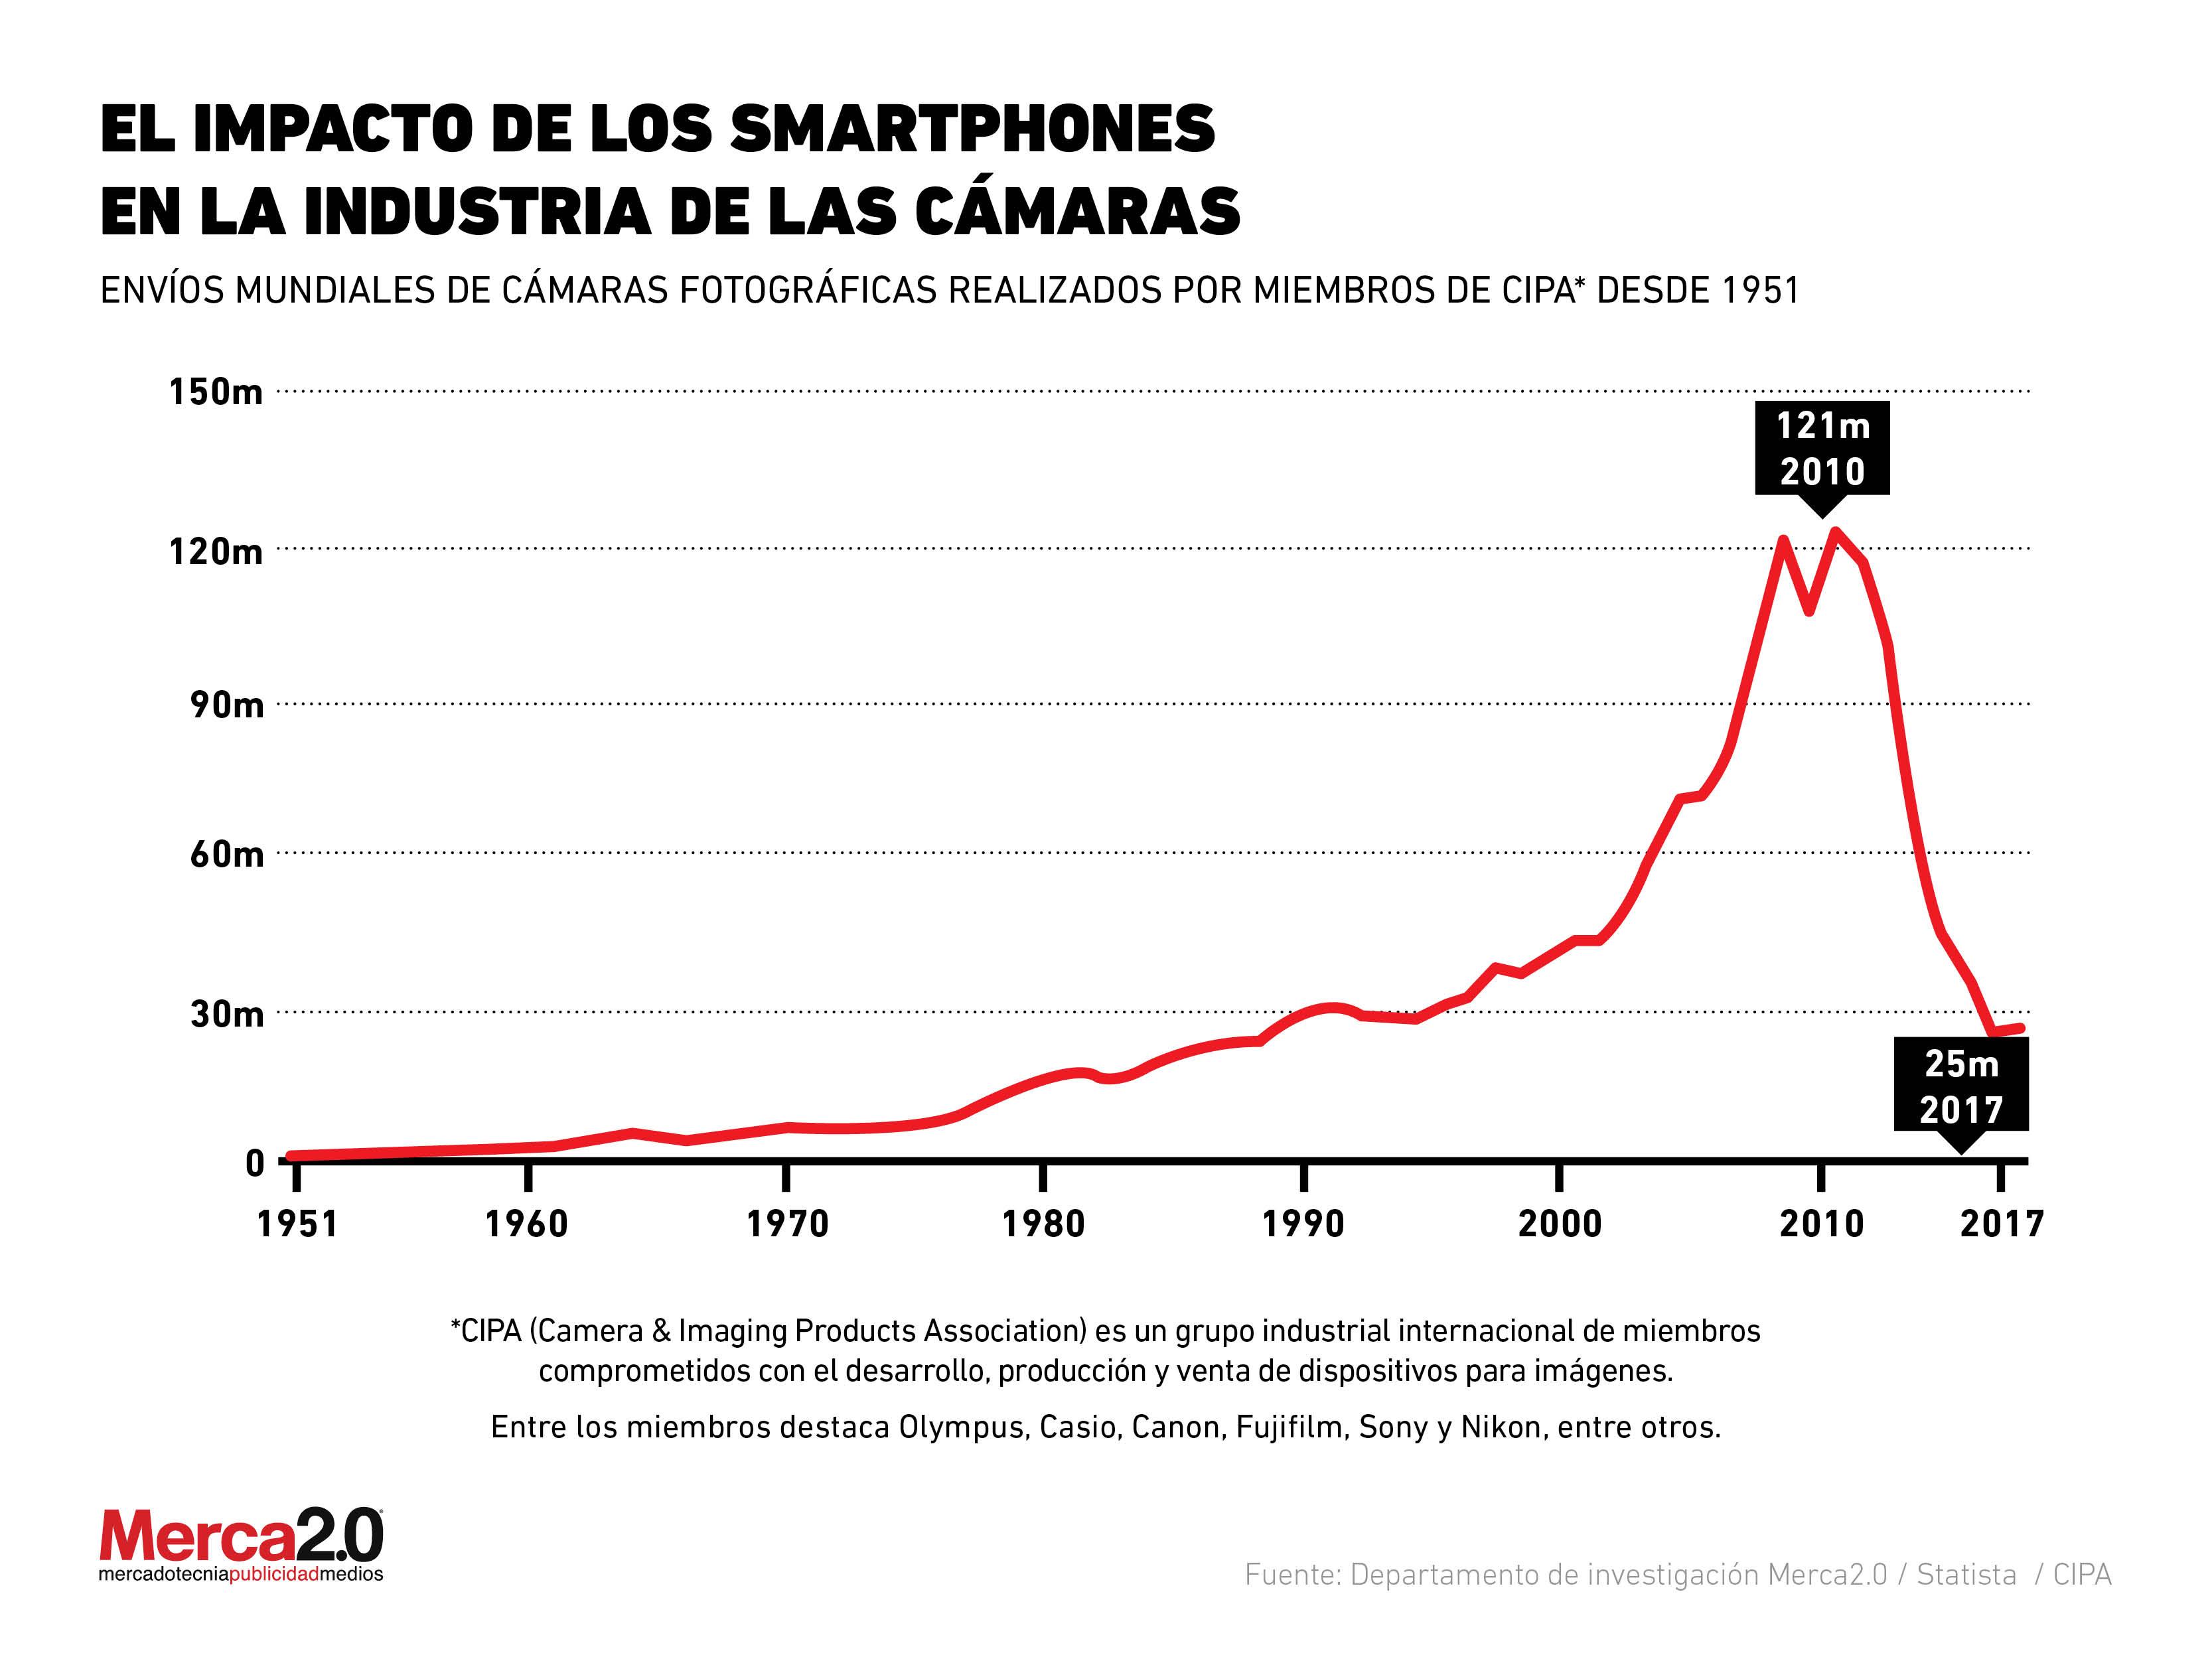 El impacto de los smartphones en la industria de las cámaras